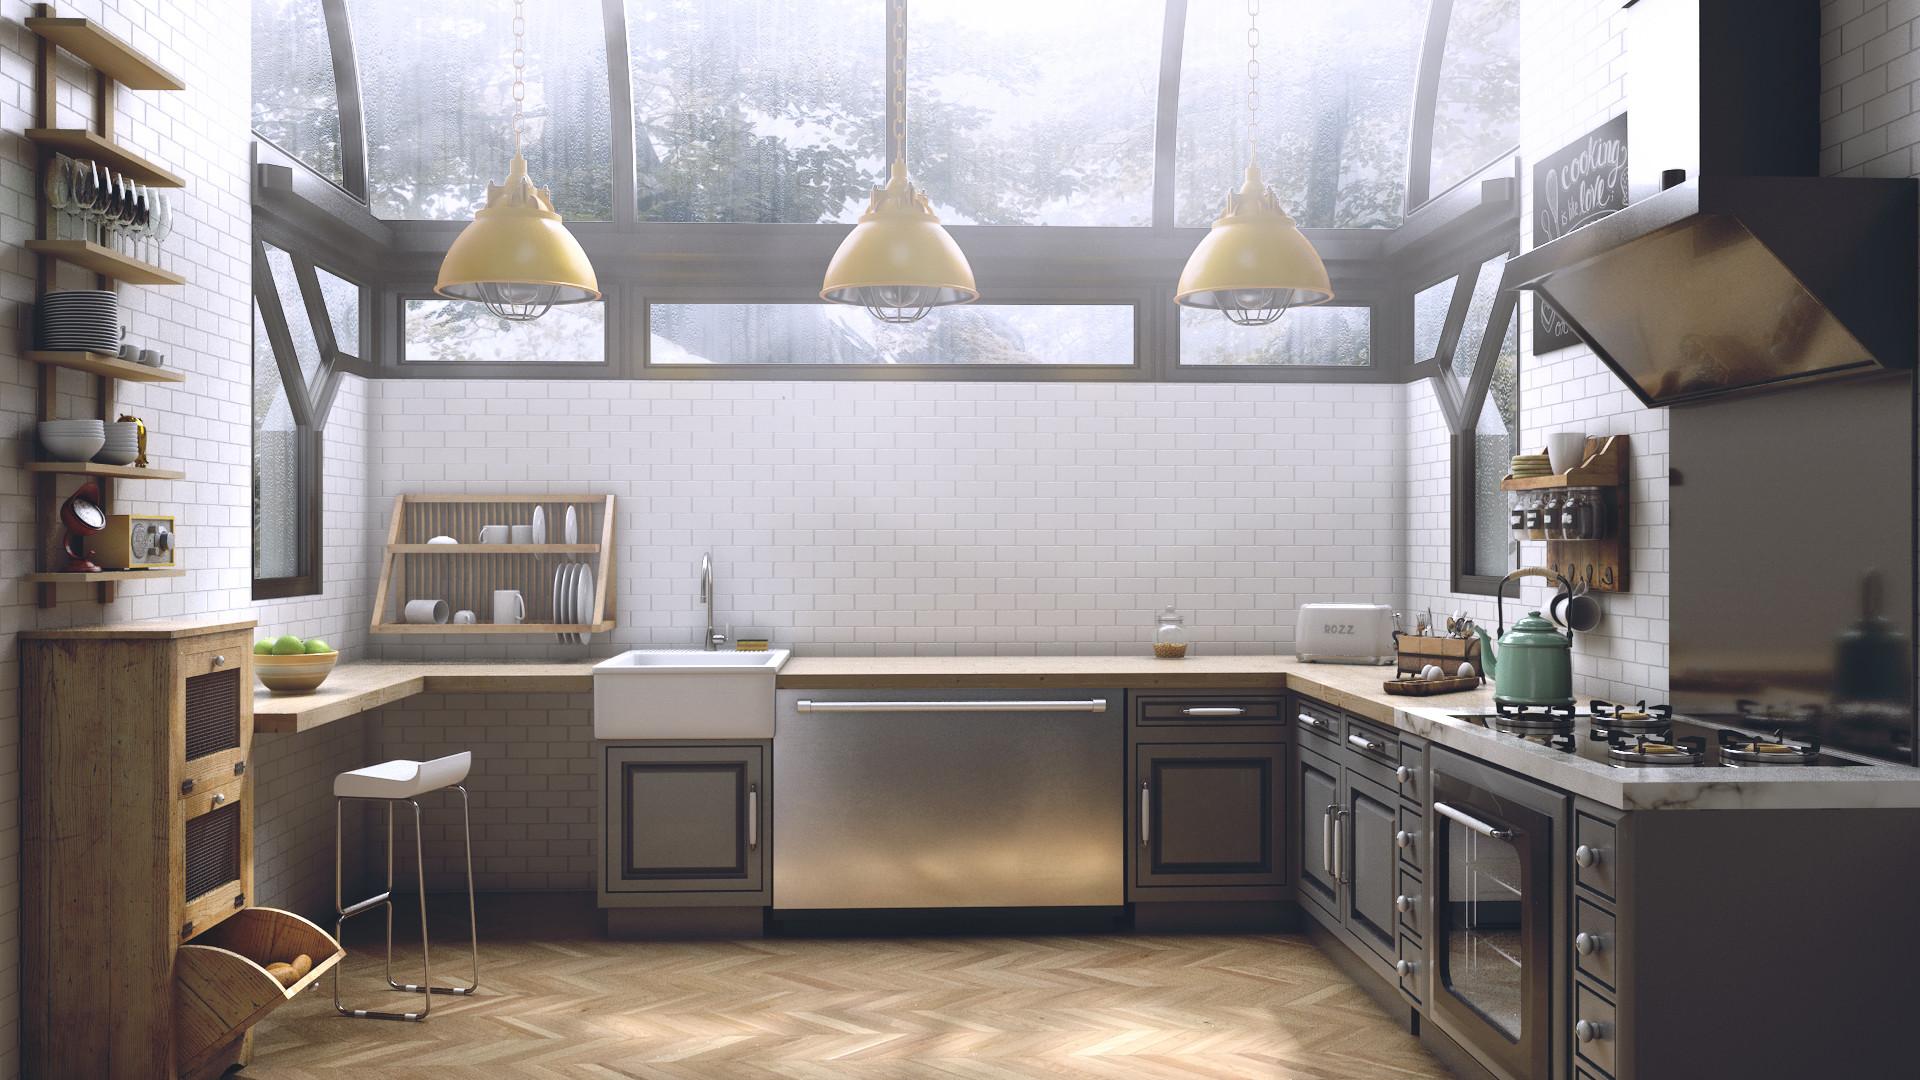 Rakan khamash kitchen 1 render